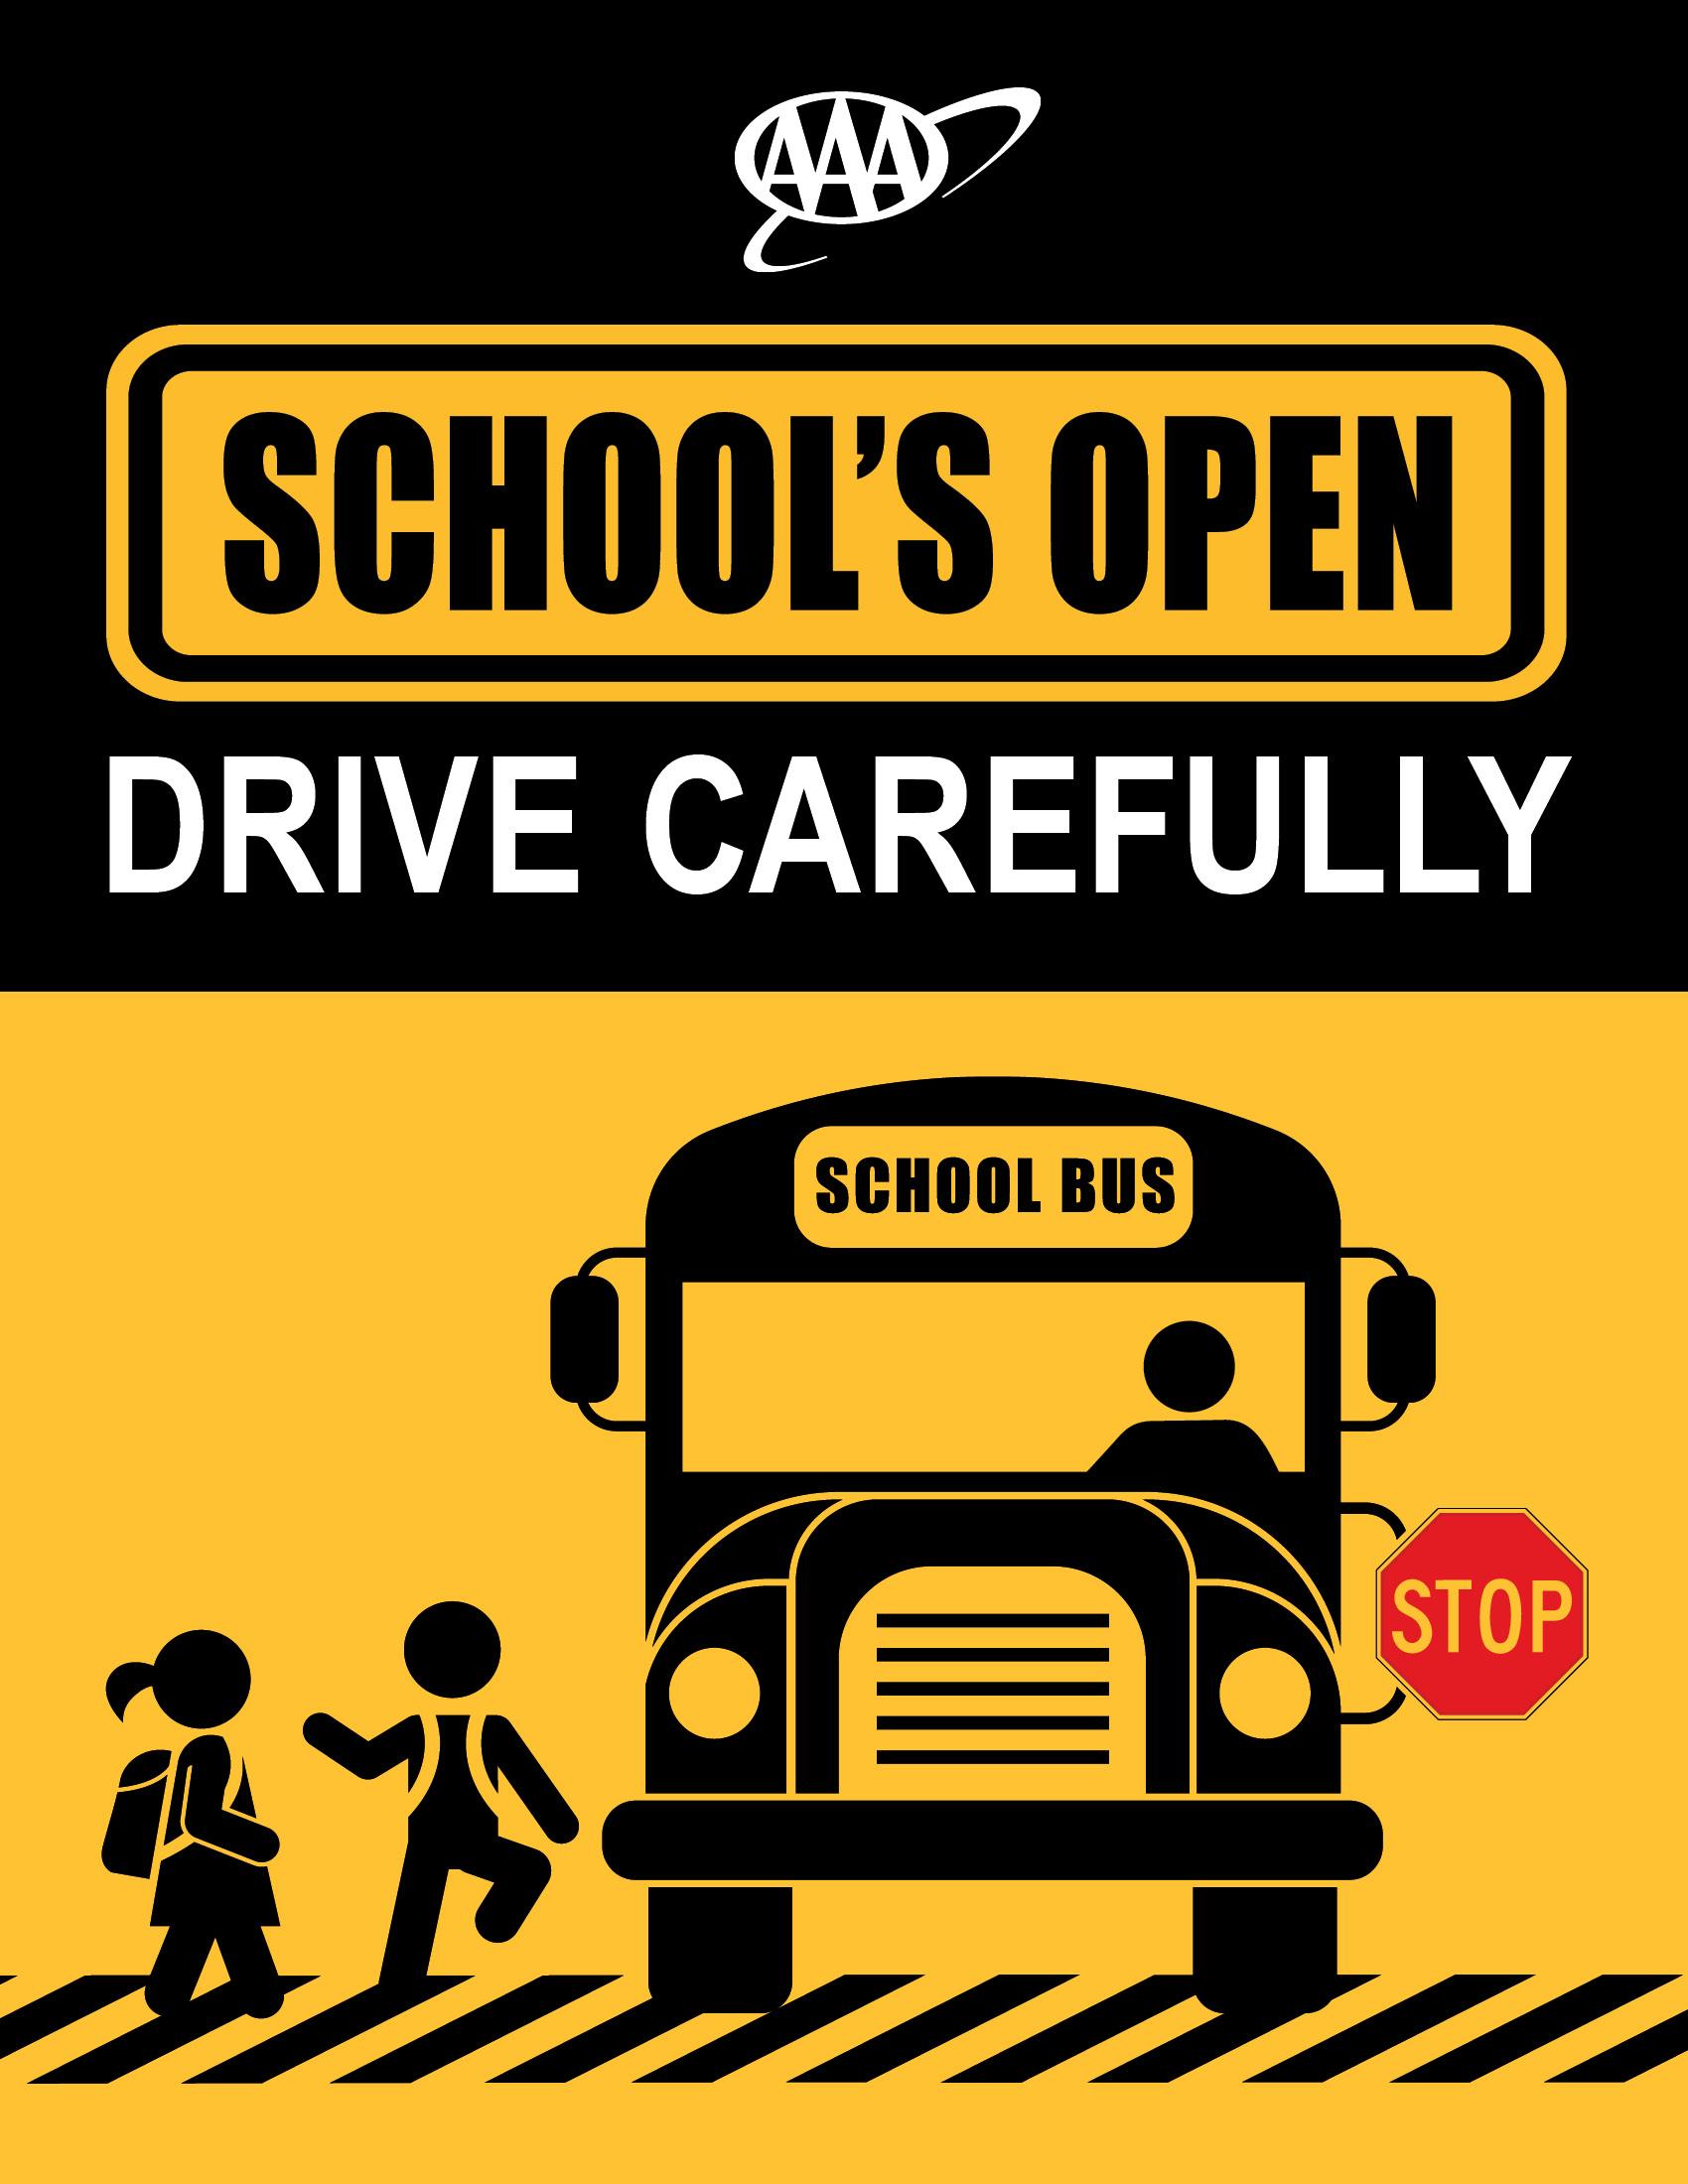 schools-OPEN.jpg